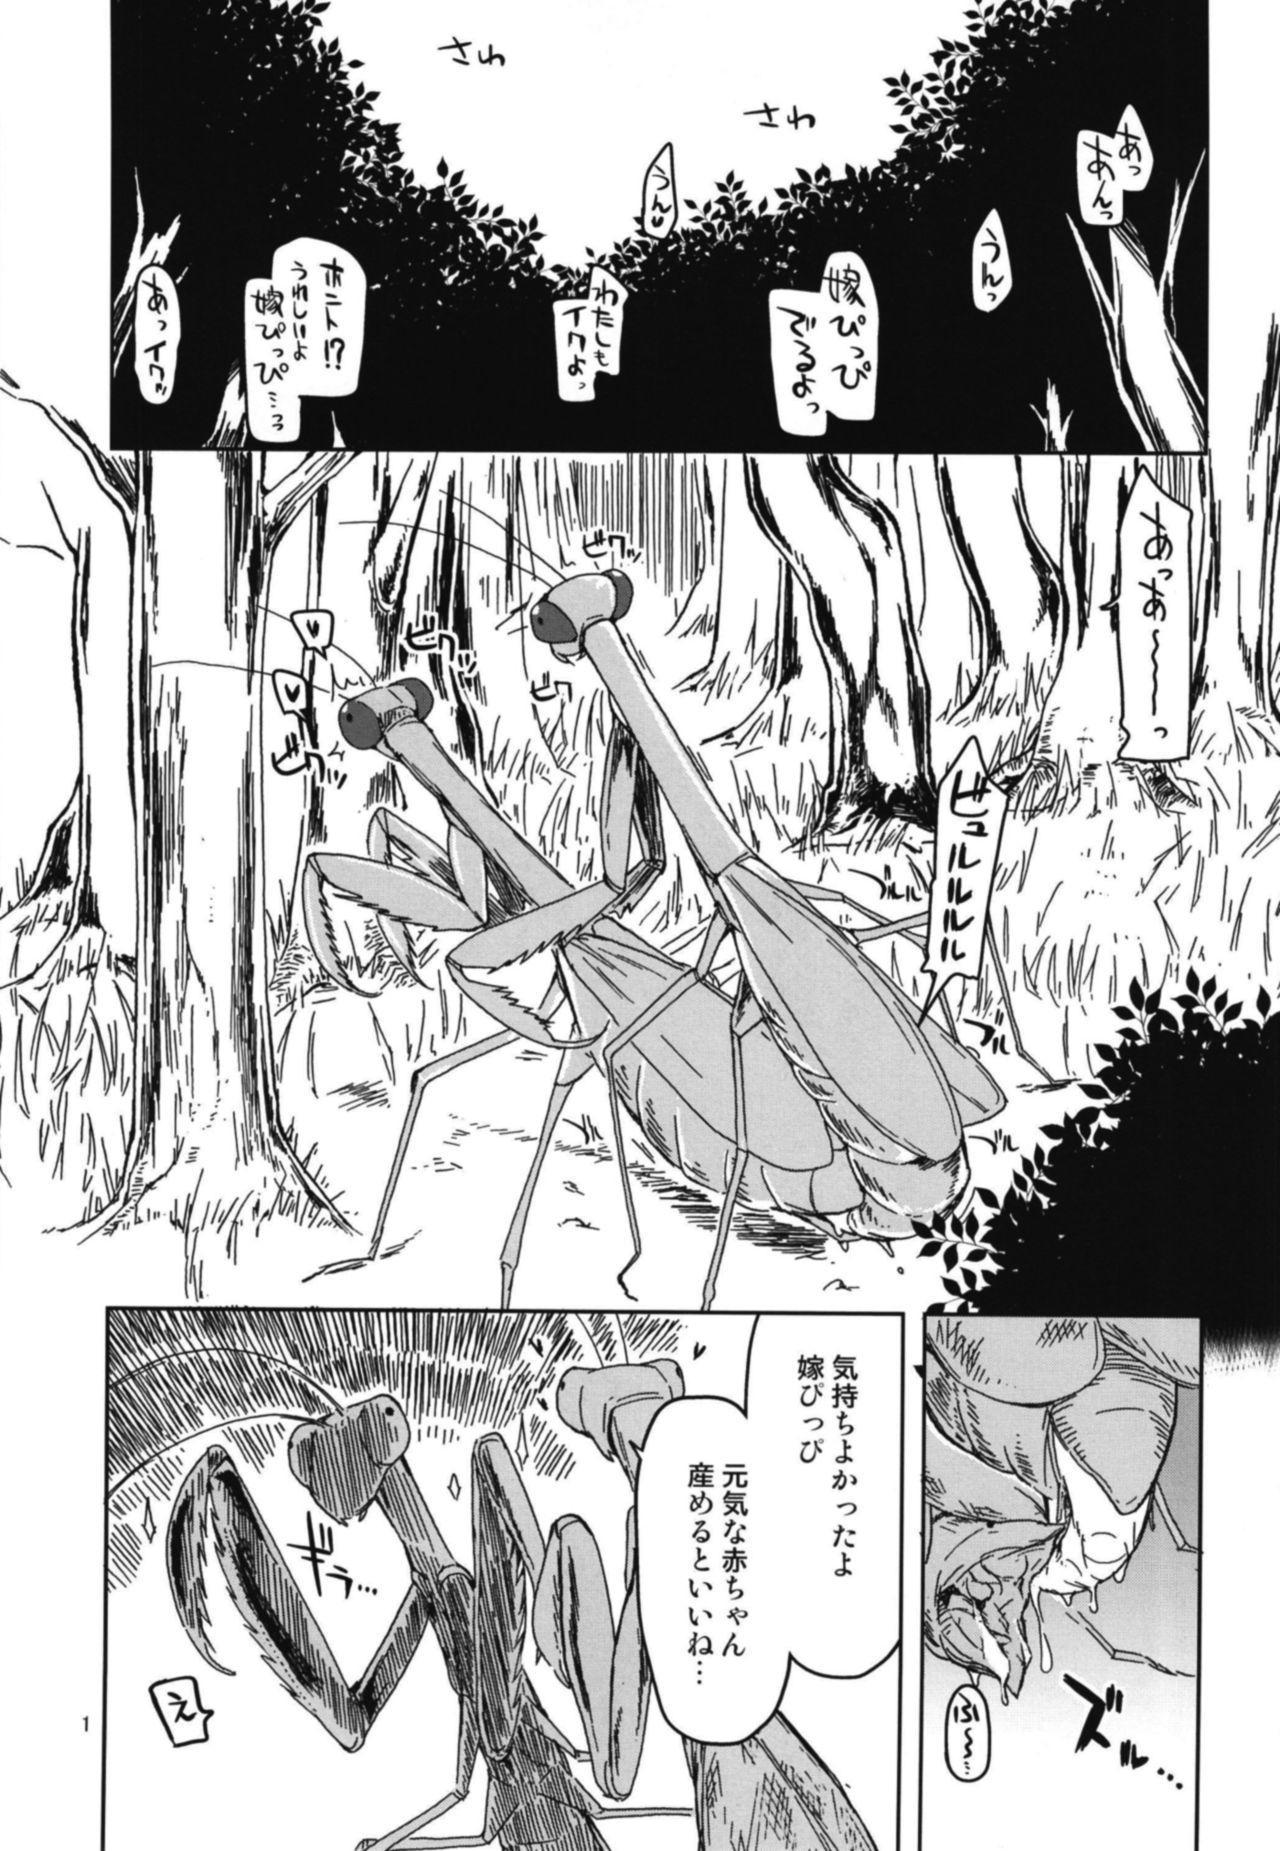 Dosukebe Elf no Ishukan Nikki 5 2